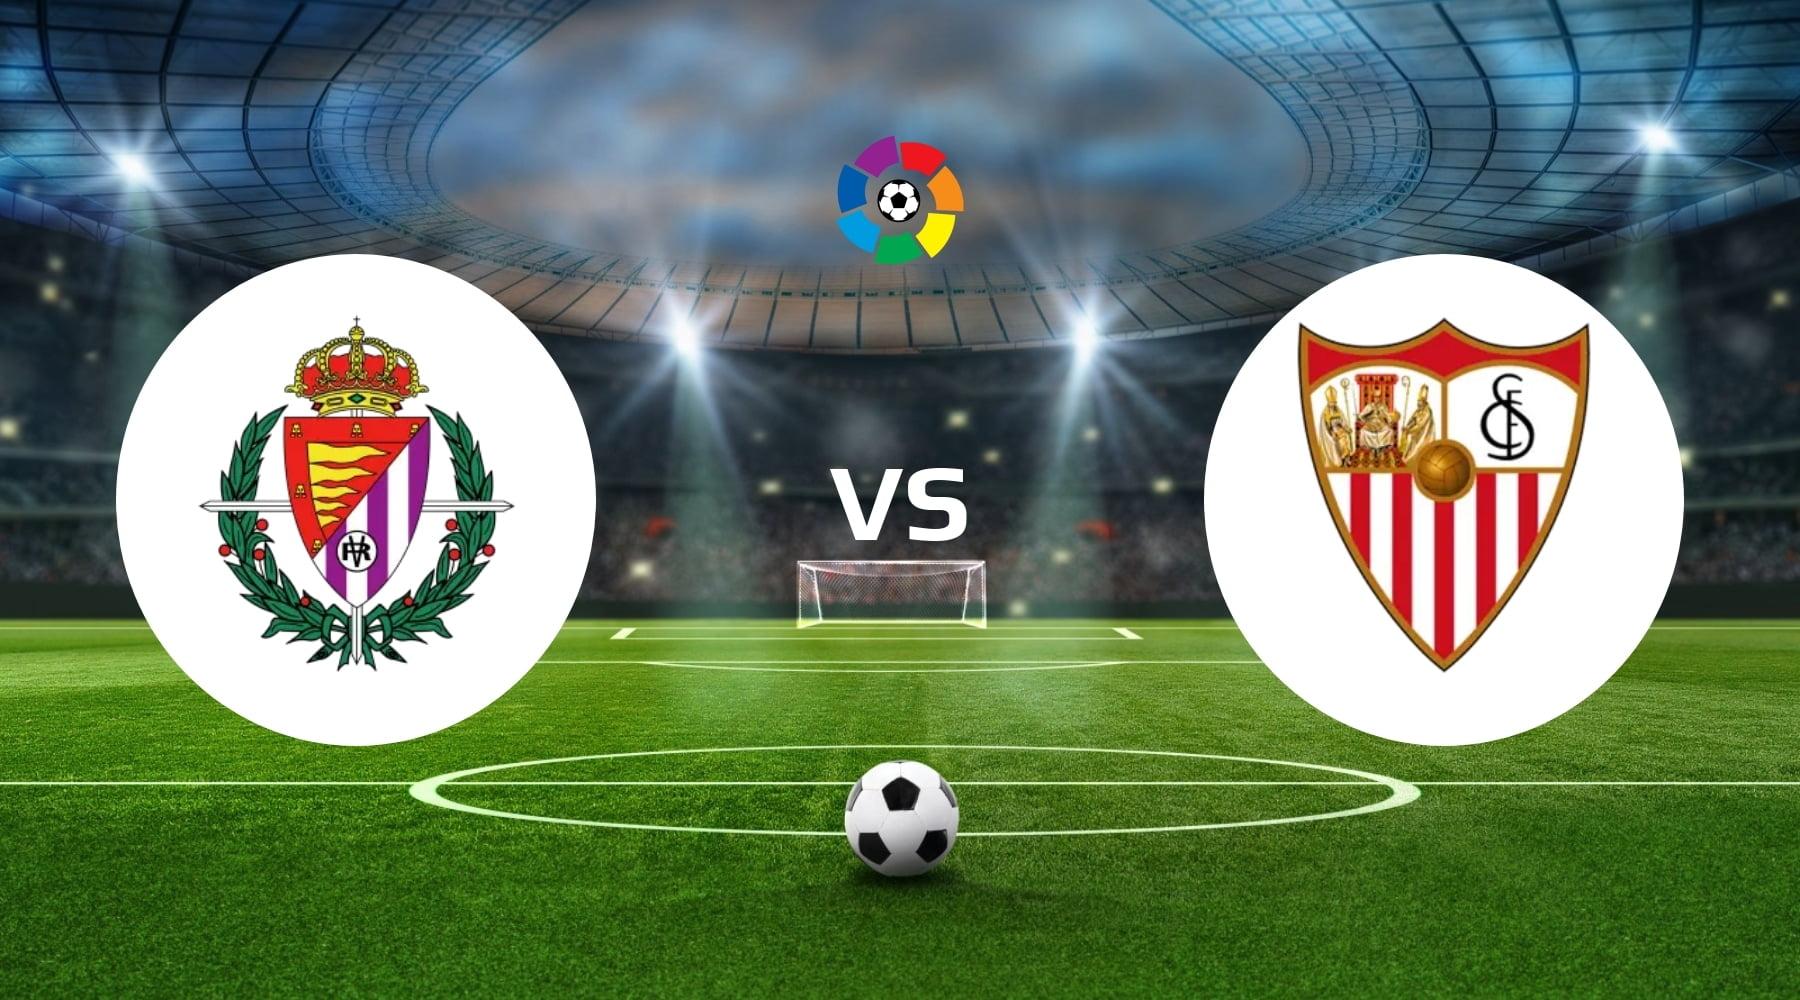 Real Valladolid vs Sevilla Betting